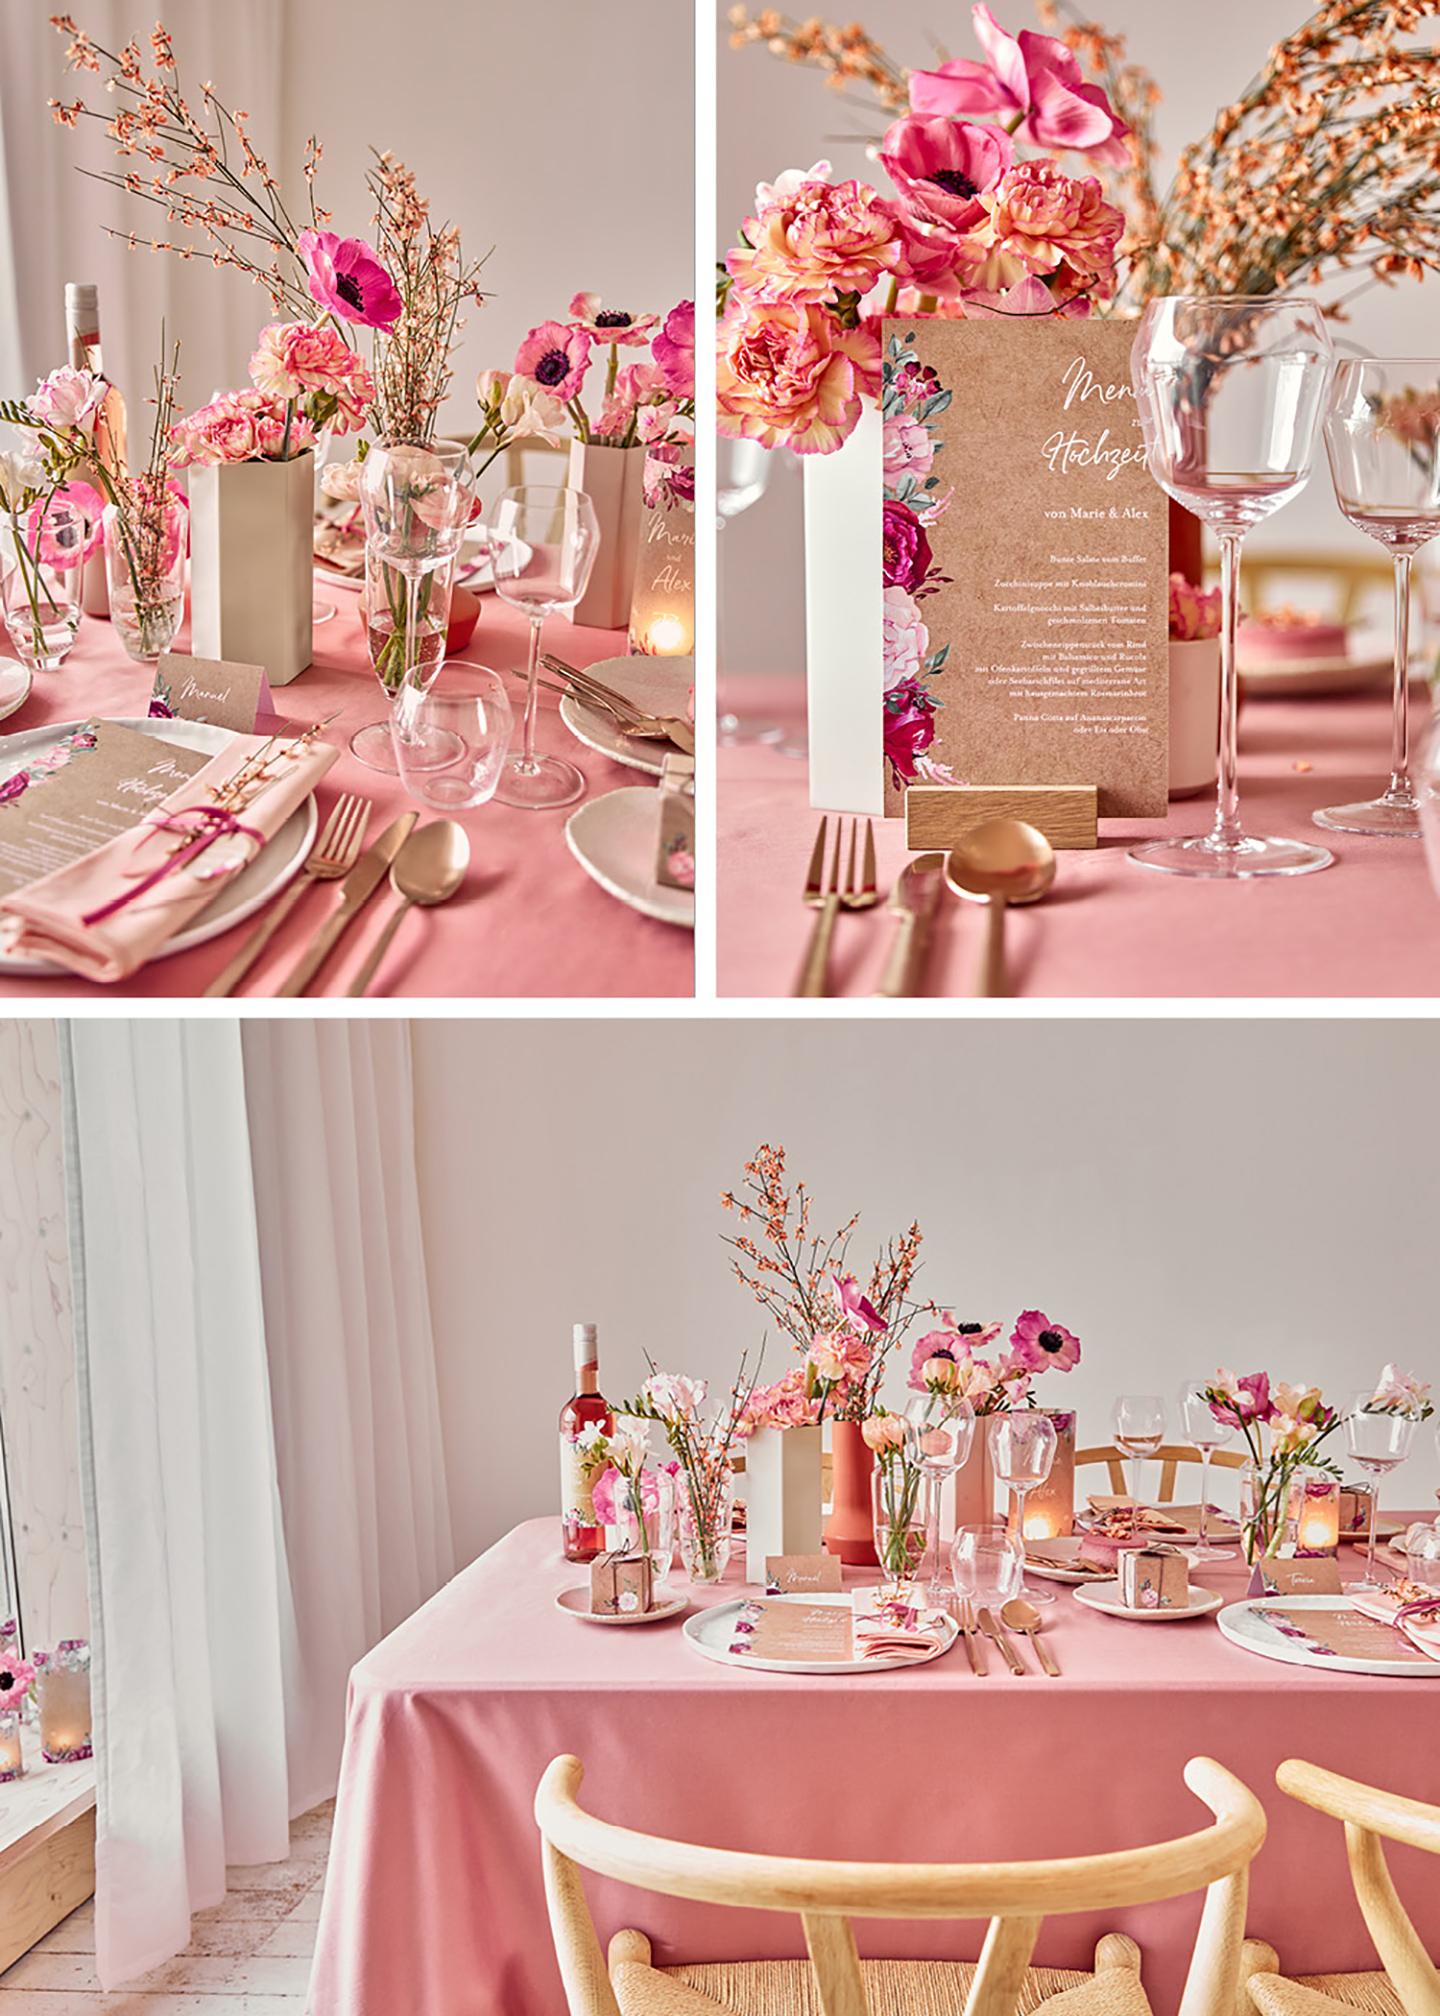 Tischdeko Hochzeit: Liebevoll angerichteter Hochzeitstisch mit Blumen, Geschirr und Papeterie, farblich aufeinander abgestimmt: die soften und leuchtenden Pinktöne sehen schön zusammen aus.